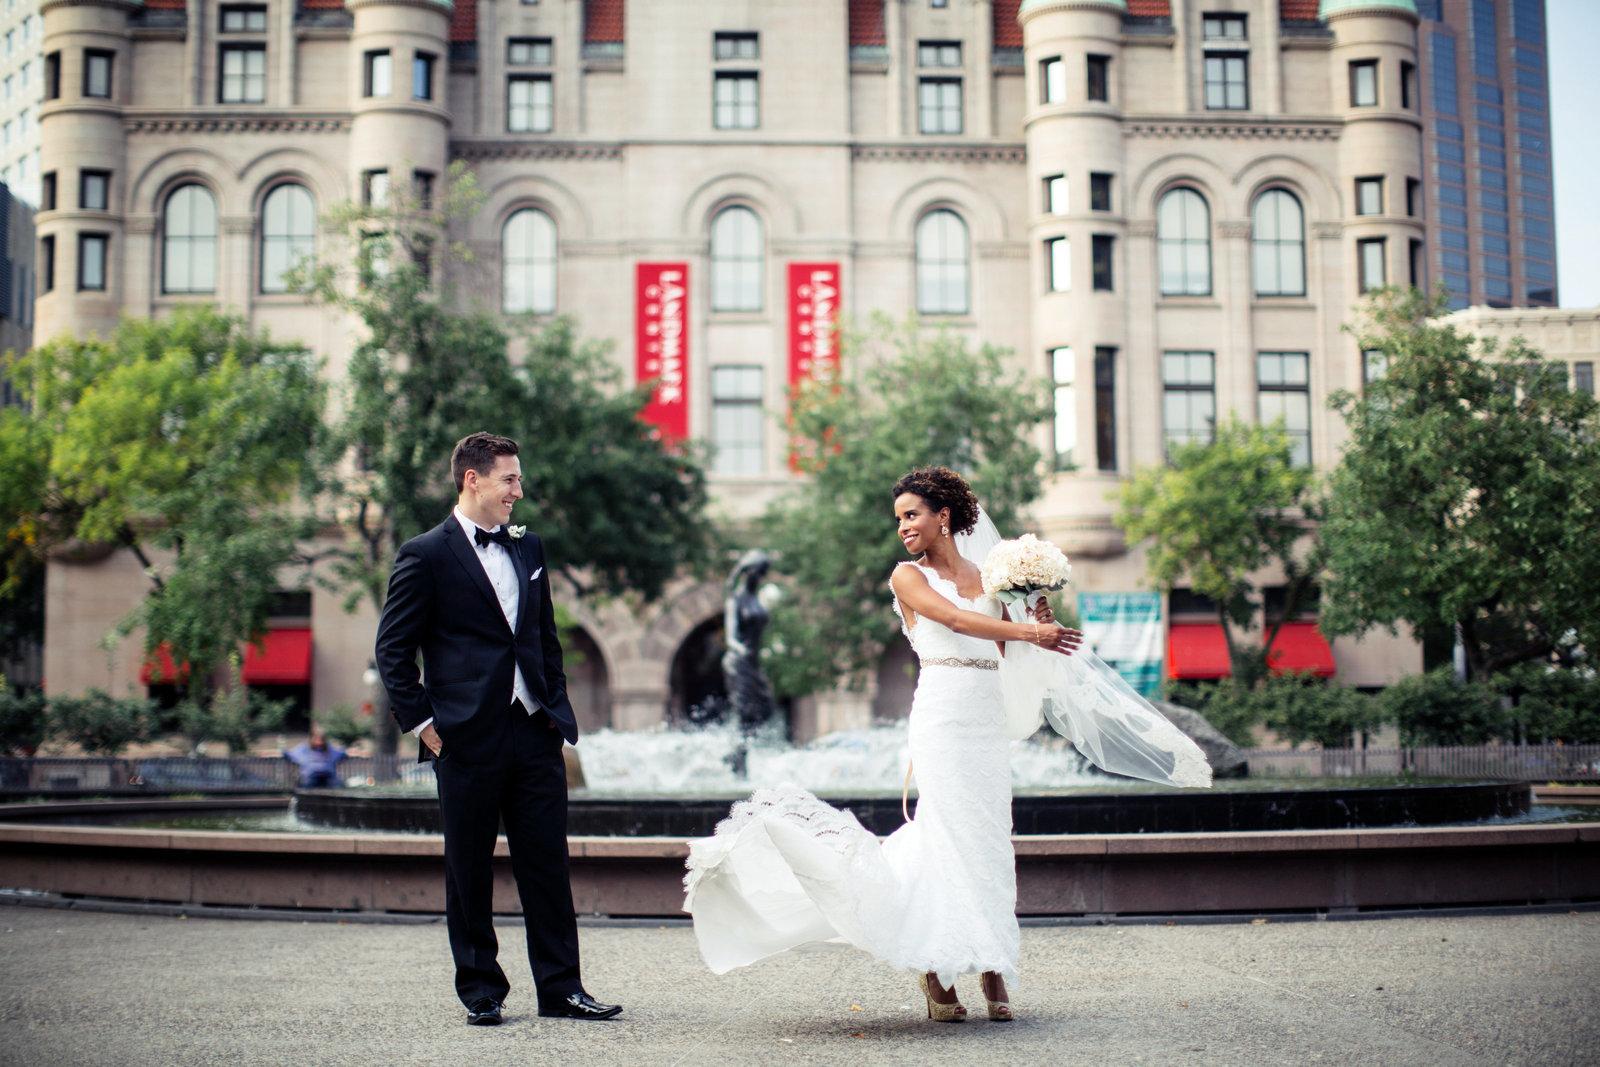 Wedding Shoppe Brian Bossany 2015 Brides-Justina Matt-0090